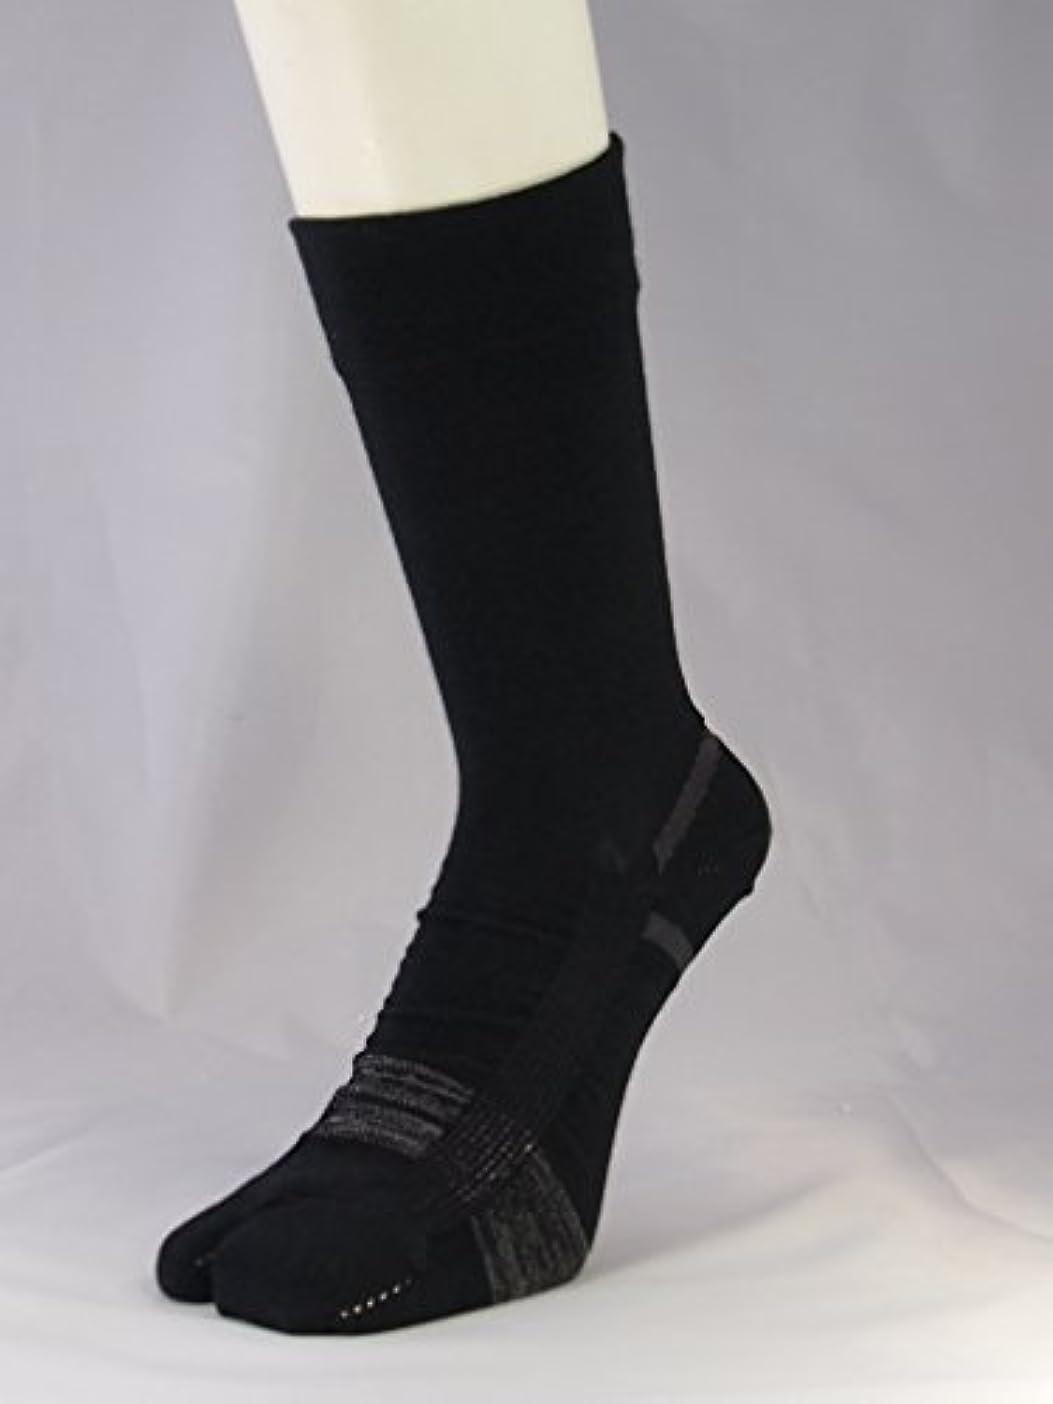 農学いらいらさせるに付ける【あしサポ】つまずき予防靴下 転倒予防 足袋タイプ【エコノレッグ 】 (25-27㎝, ブラック)